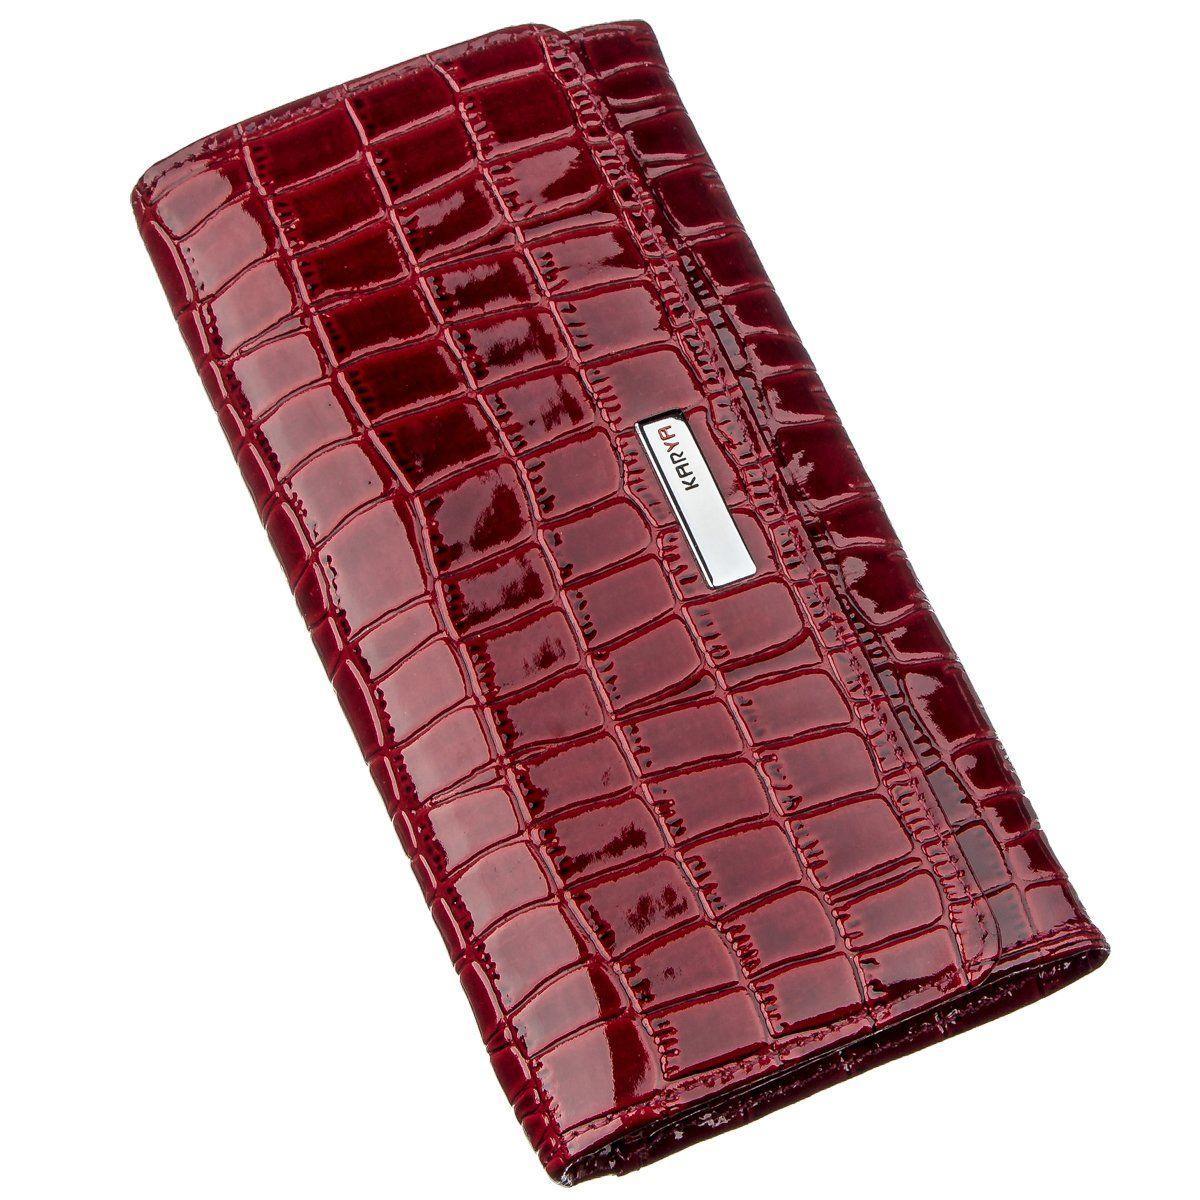 Женский кошелек красный лаковый под экзотику 17373 KARYA Красный